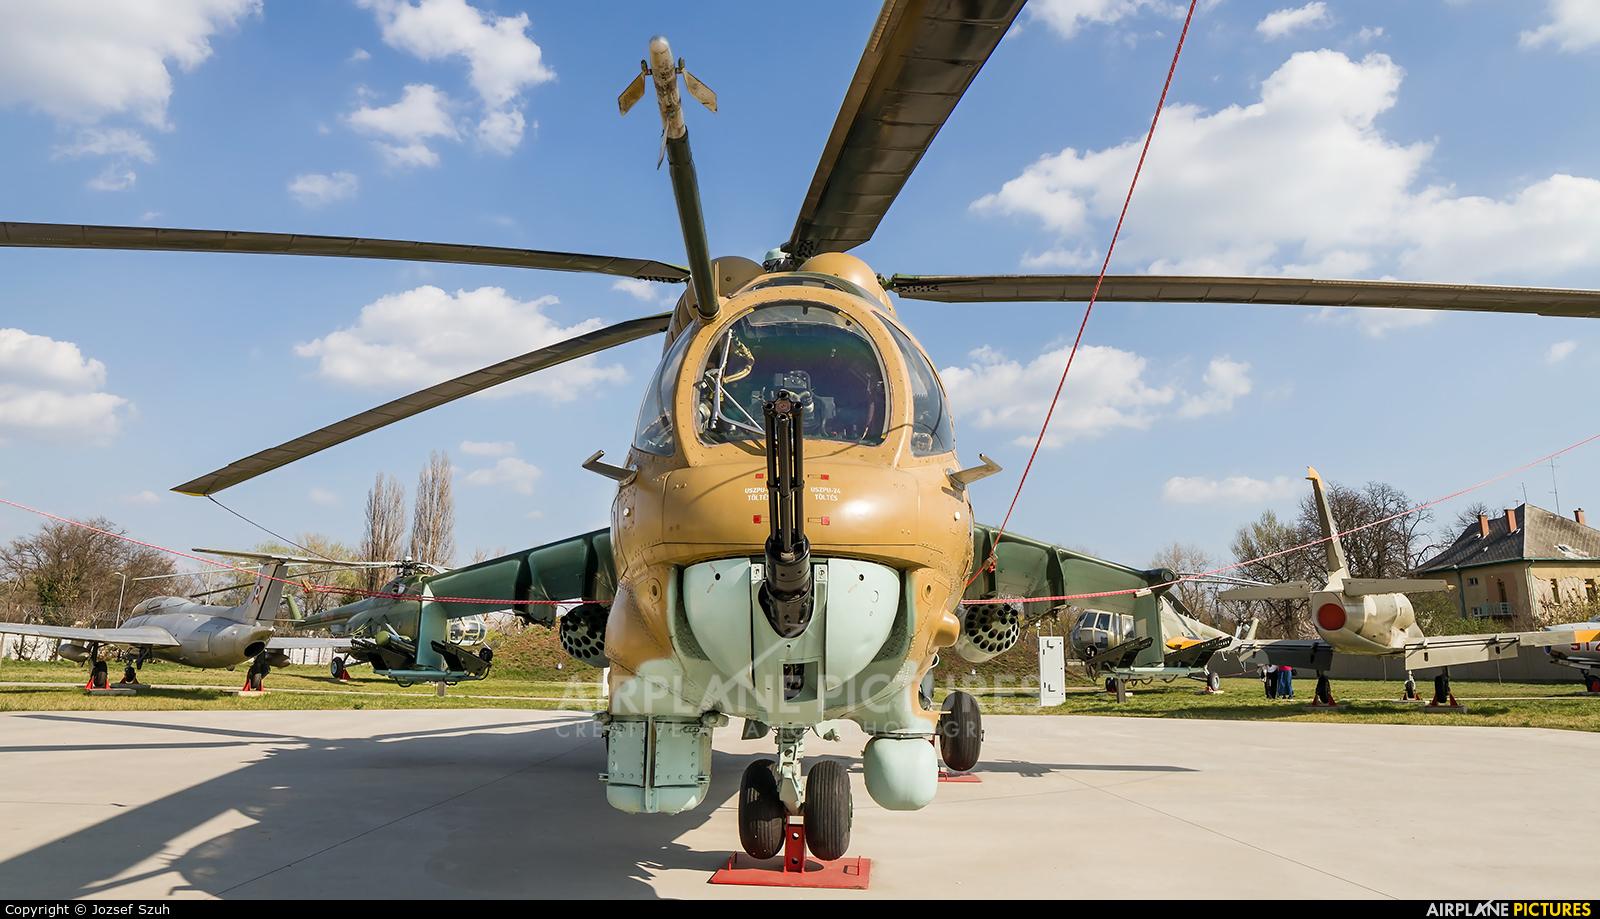 Hungary - Air Force 114 aircraft at Off Airport - Hungary